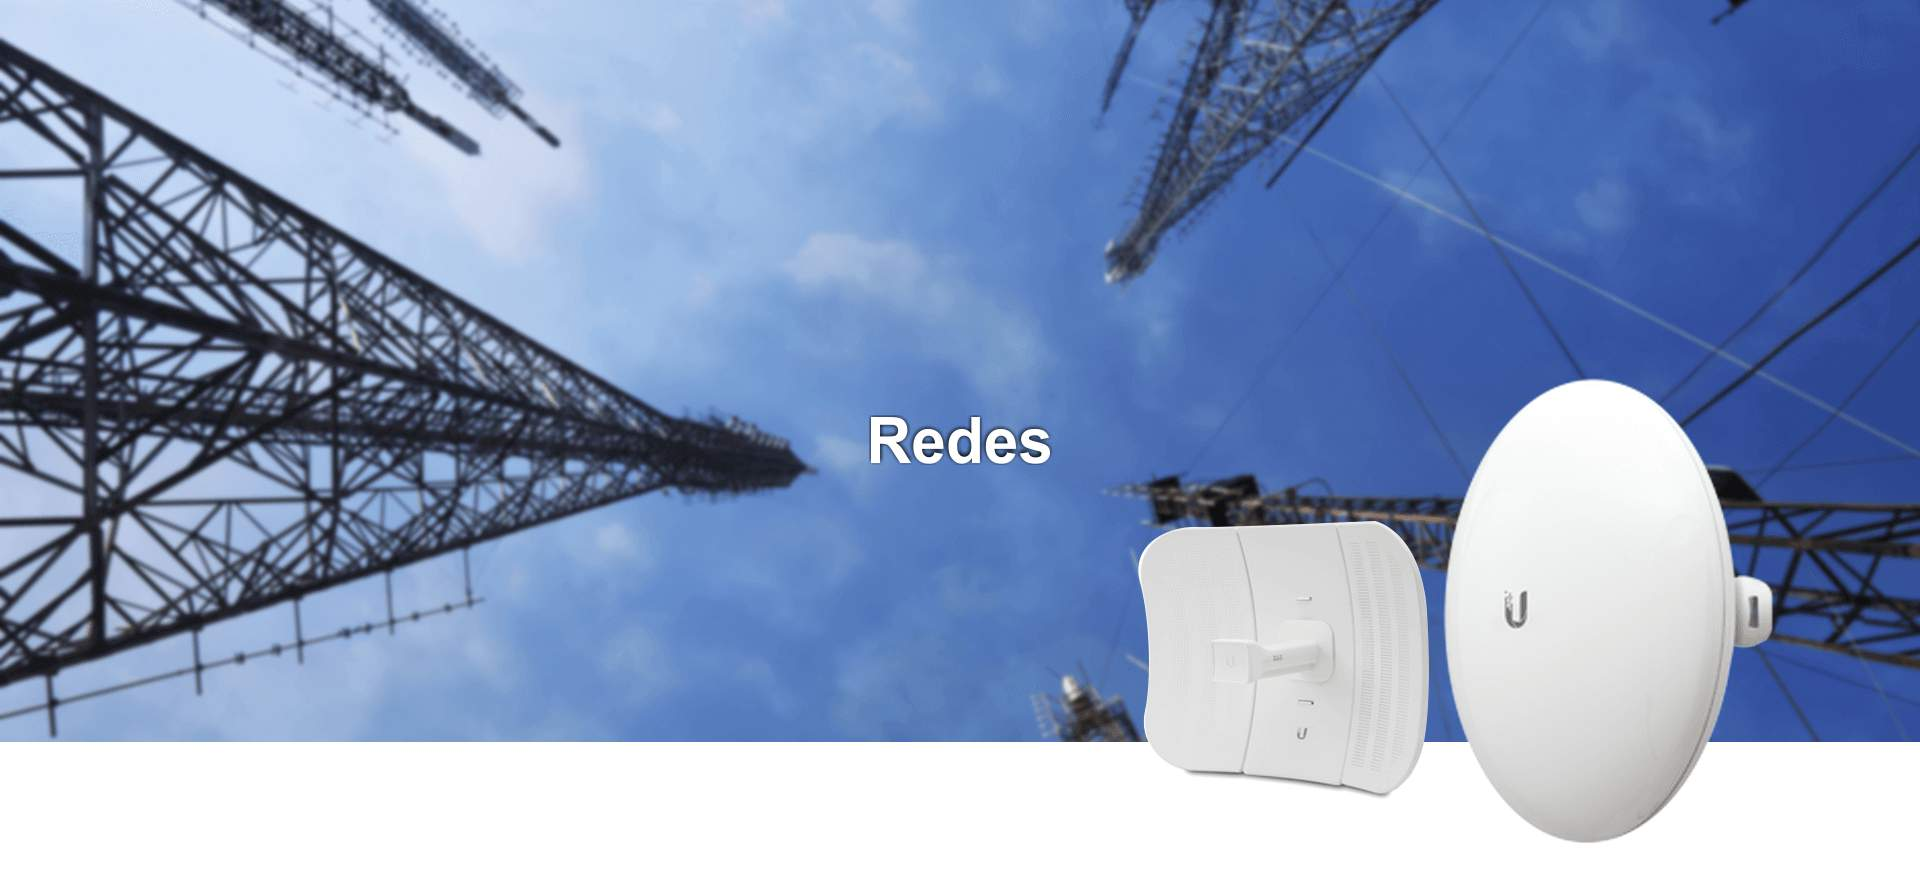 Redes Inalámbricas, Cable Estructurado, Energía Solar, Enlaces, Torres, Access Point en Ixtapa Zihuatanejo, Guerrero y Lázaro Cárdenas, Michoacán